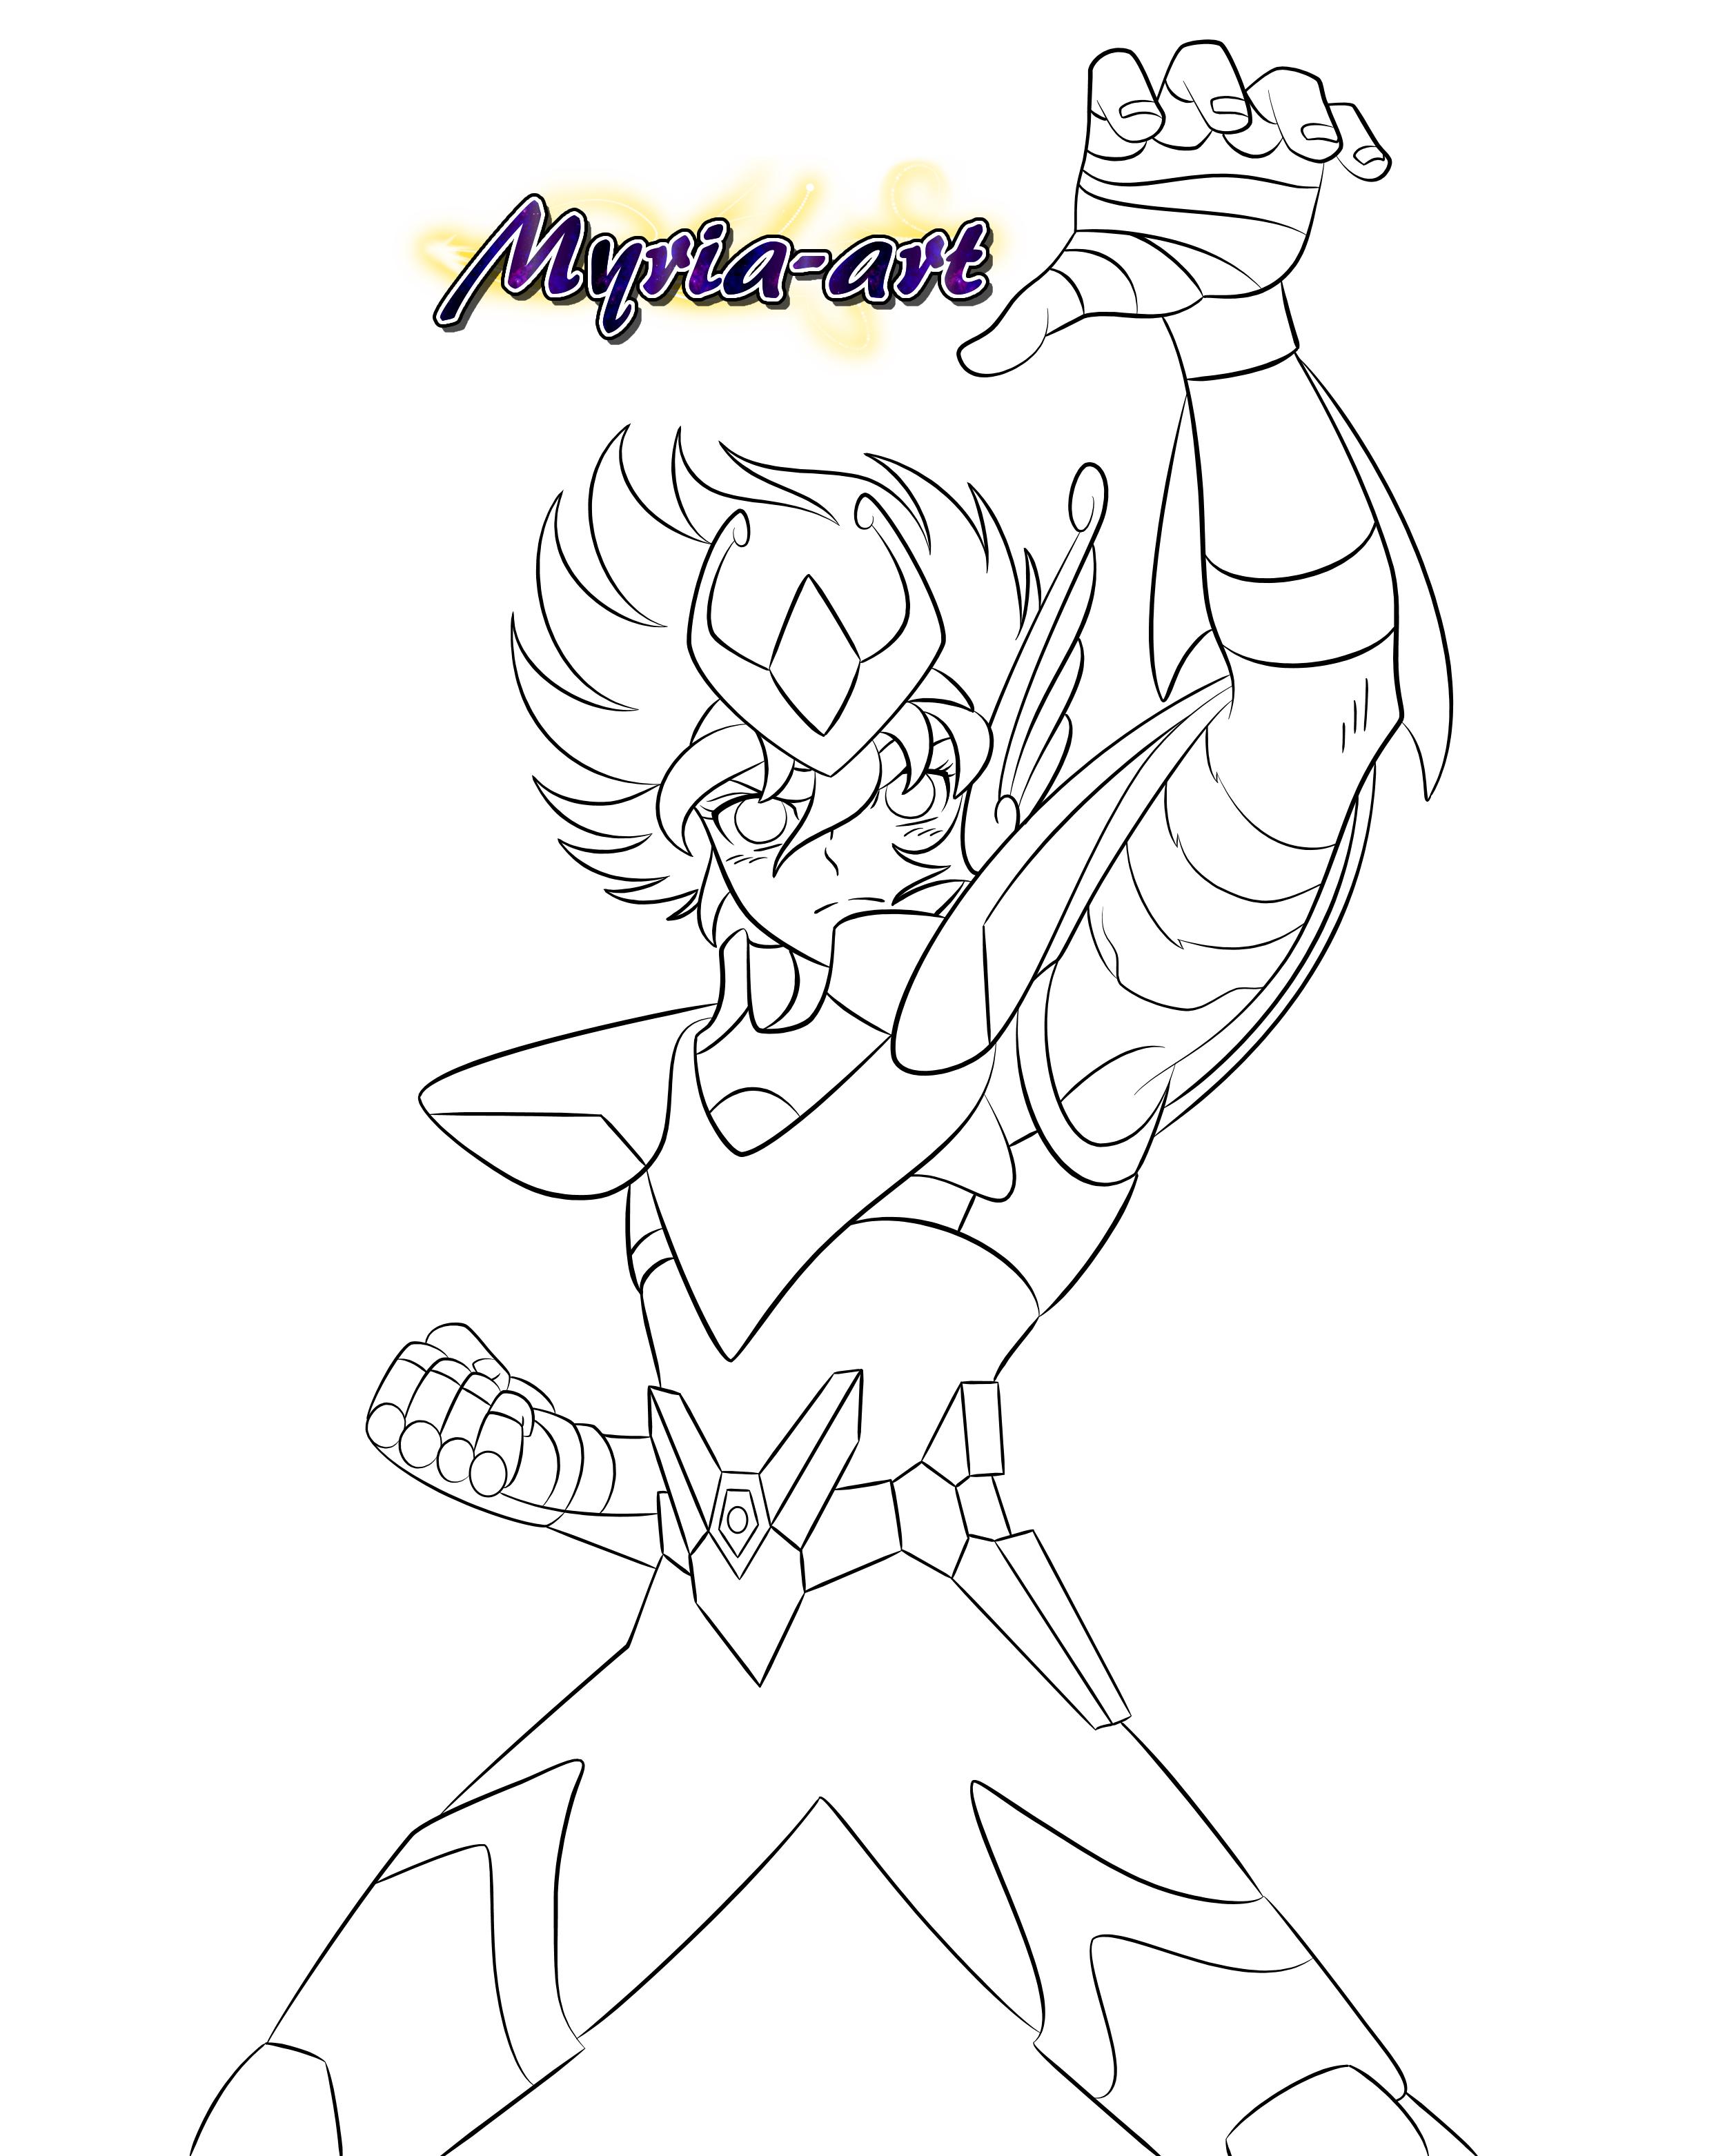 Fanarts Saint Seiya Pharaon Website Dragon Ball Super Manga Saint Seiya Linear Art